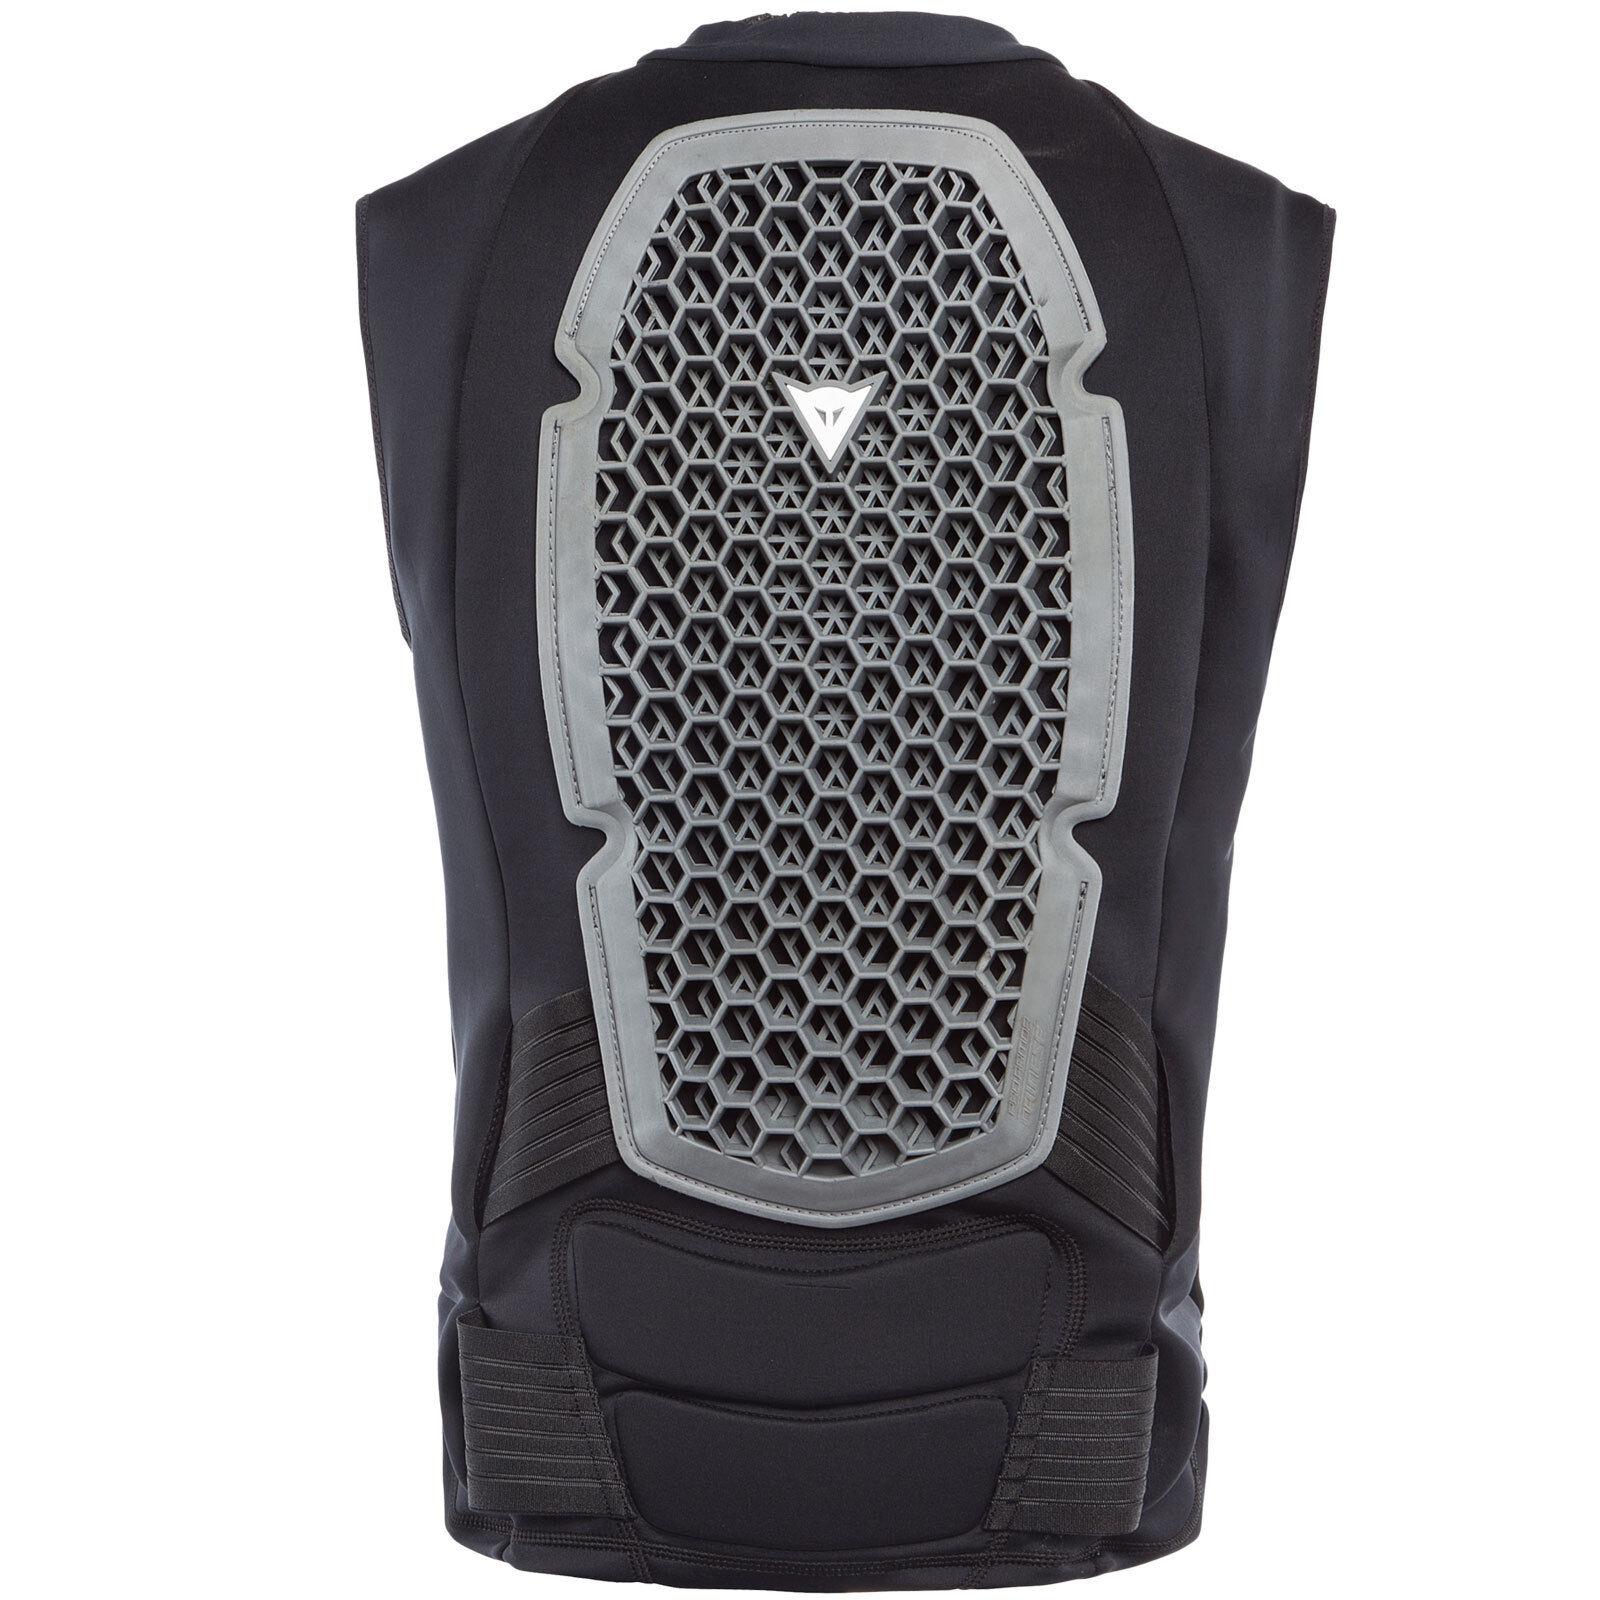 Dainese Pro-Armor Waistcoat Waistcoat Waistcoat Herren Protektor Rückenschutz Protektor-Weste Schutz db5229